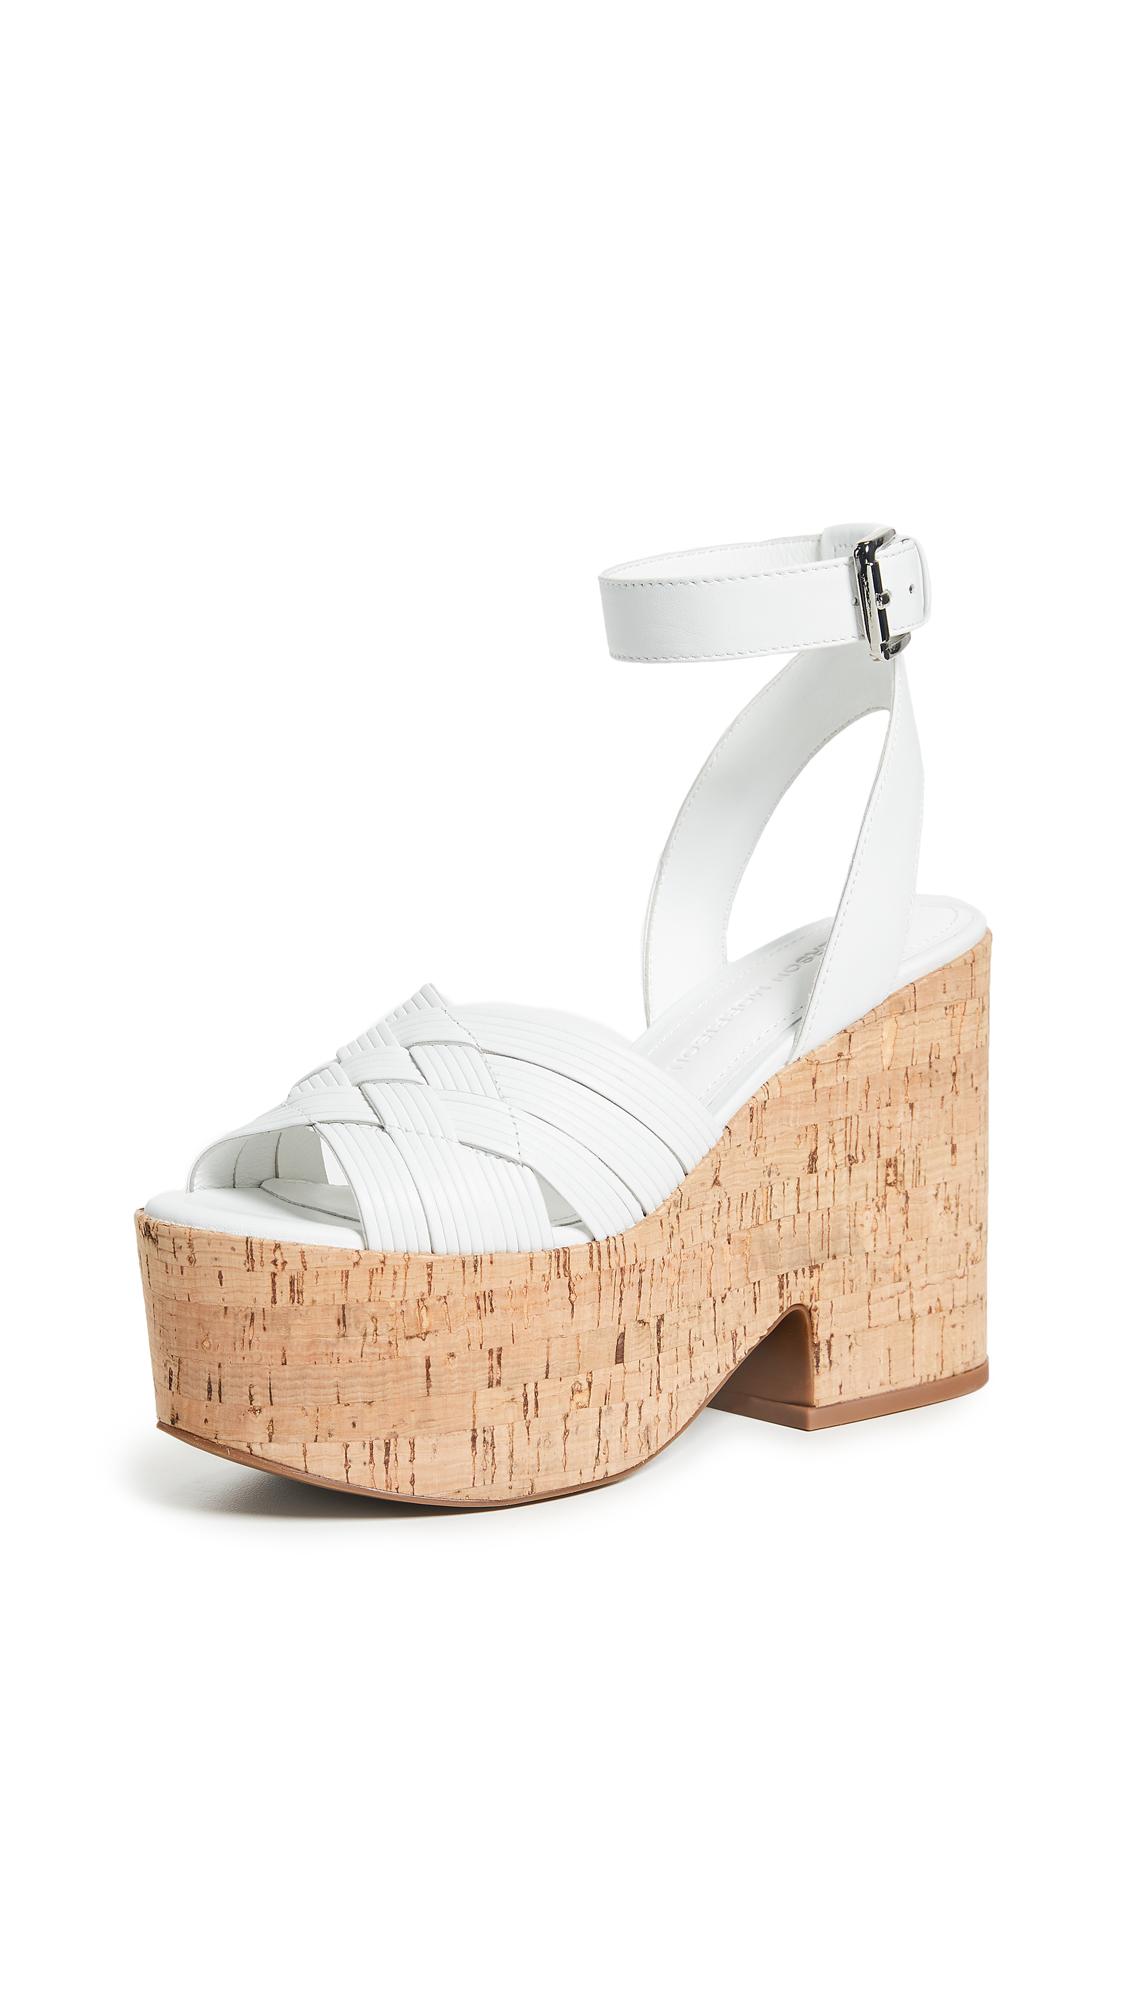 Sigerson Morrison Becca Platform Sandals - Bianco